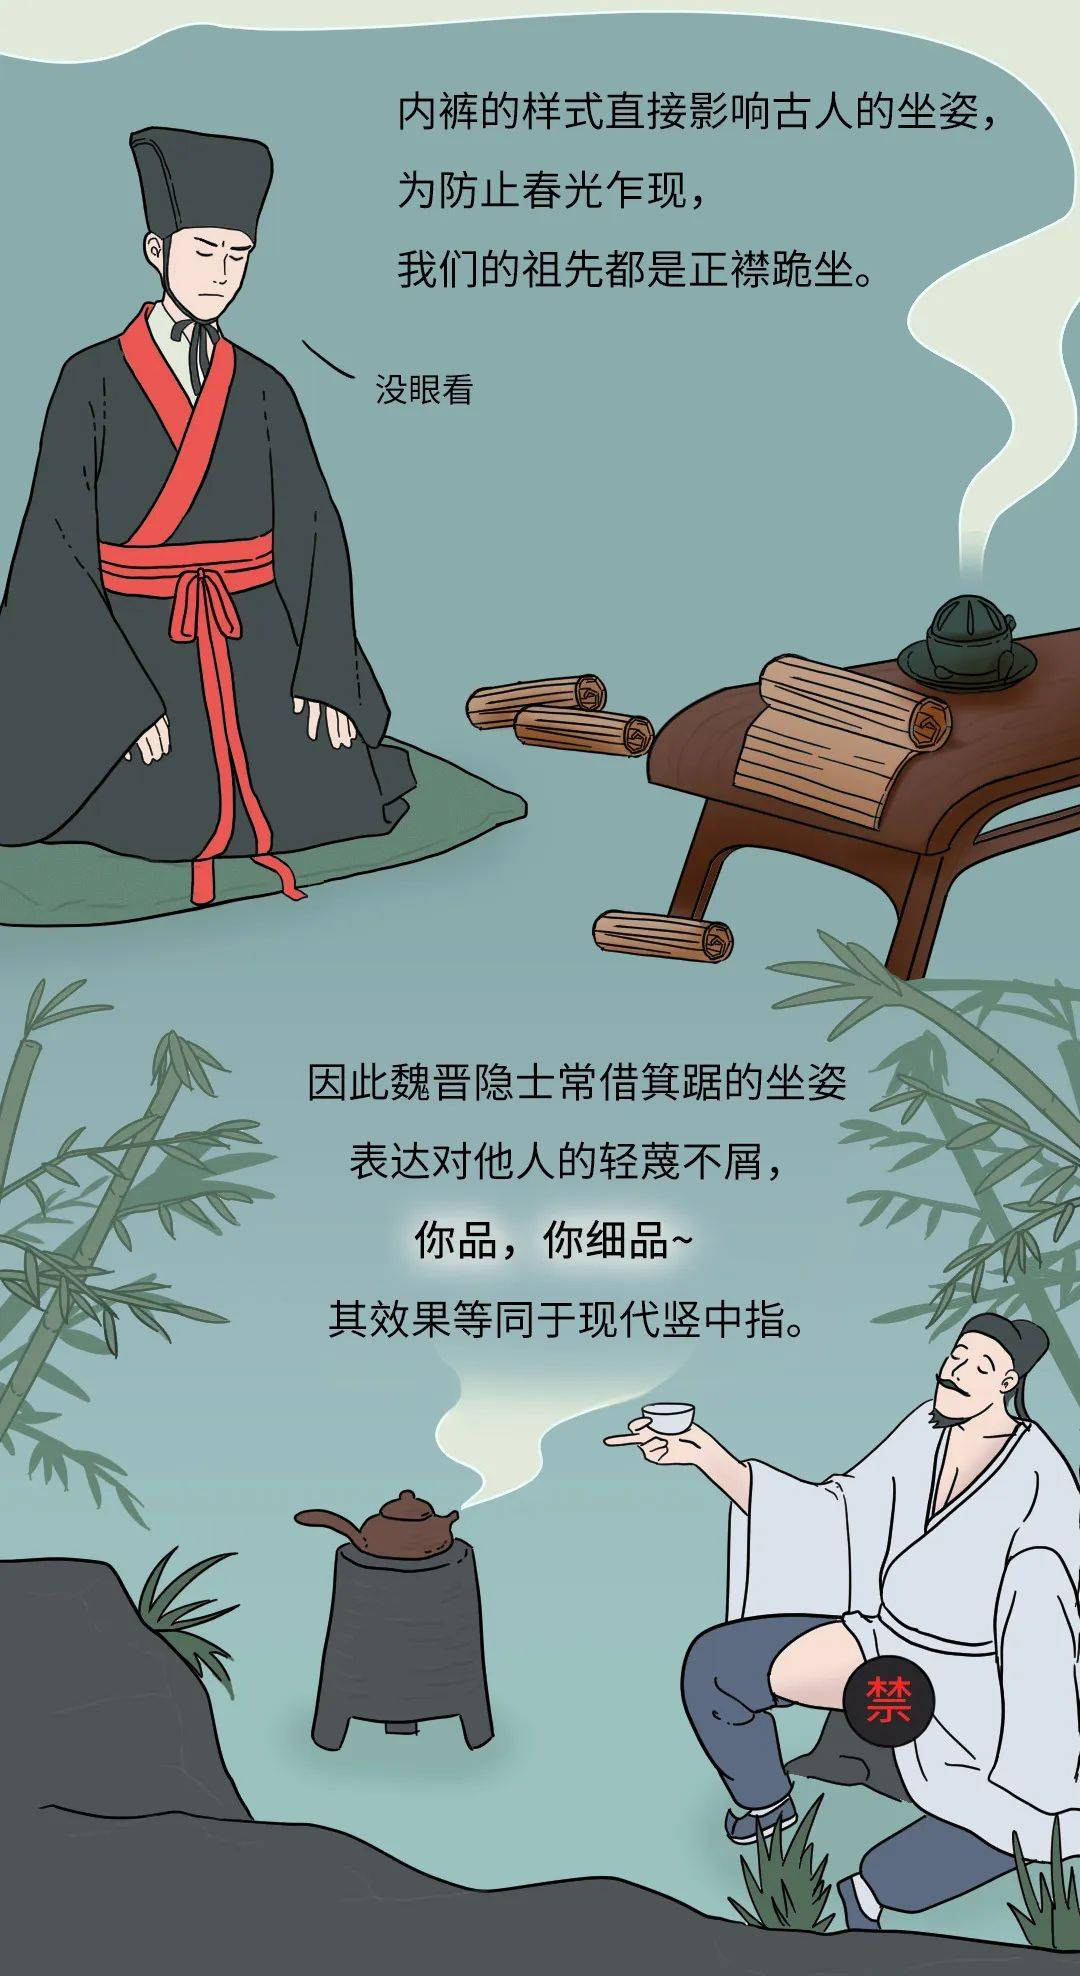 (涨知识)实不相瞒,内裤让人类免于灭绝